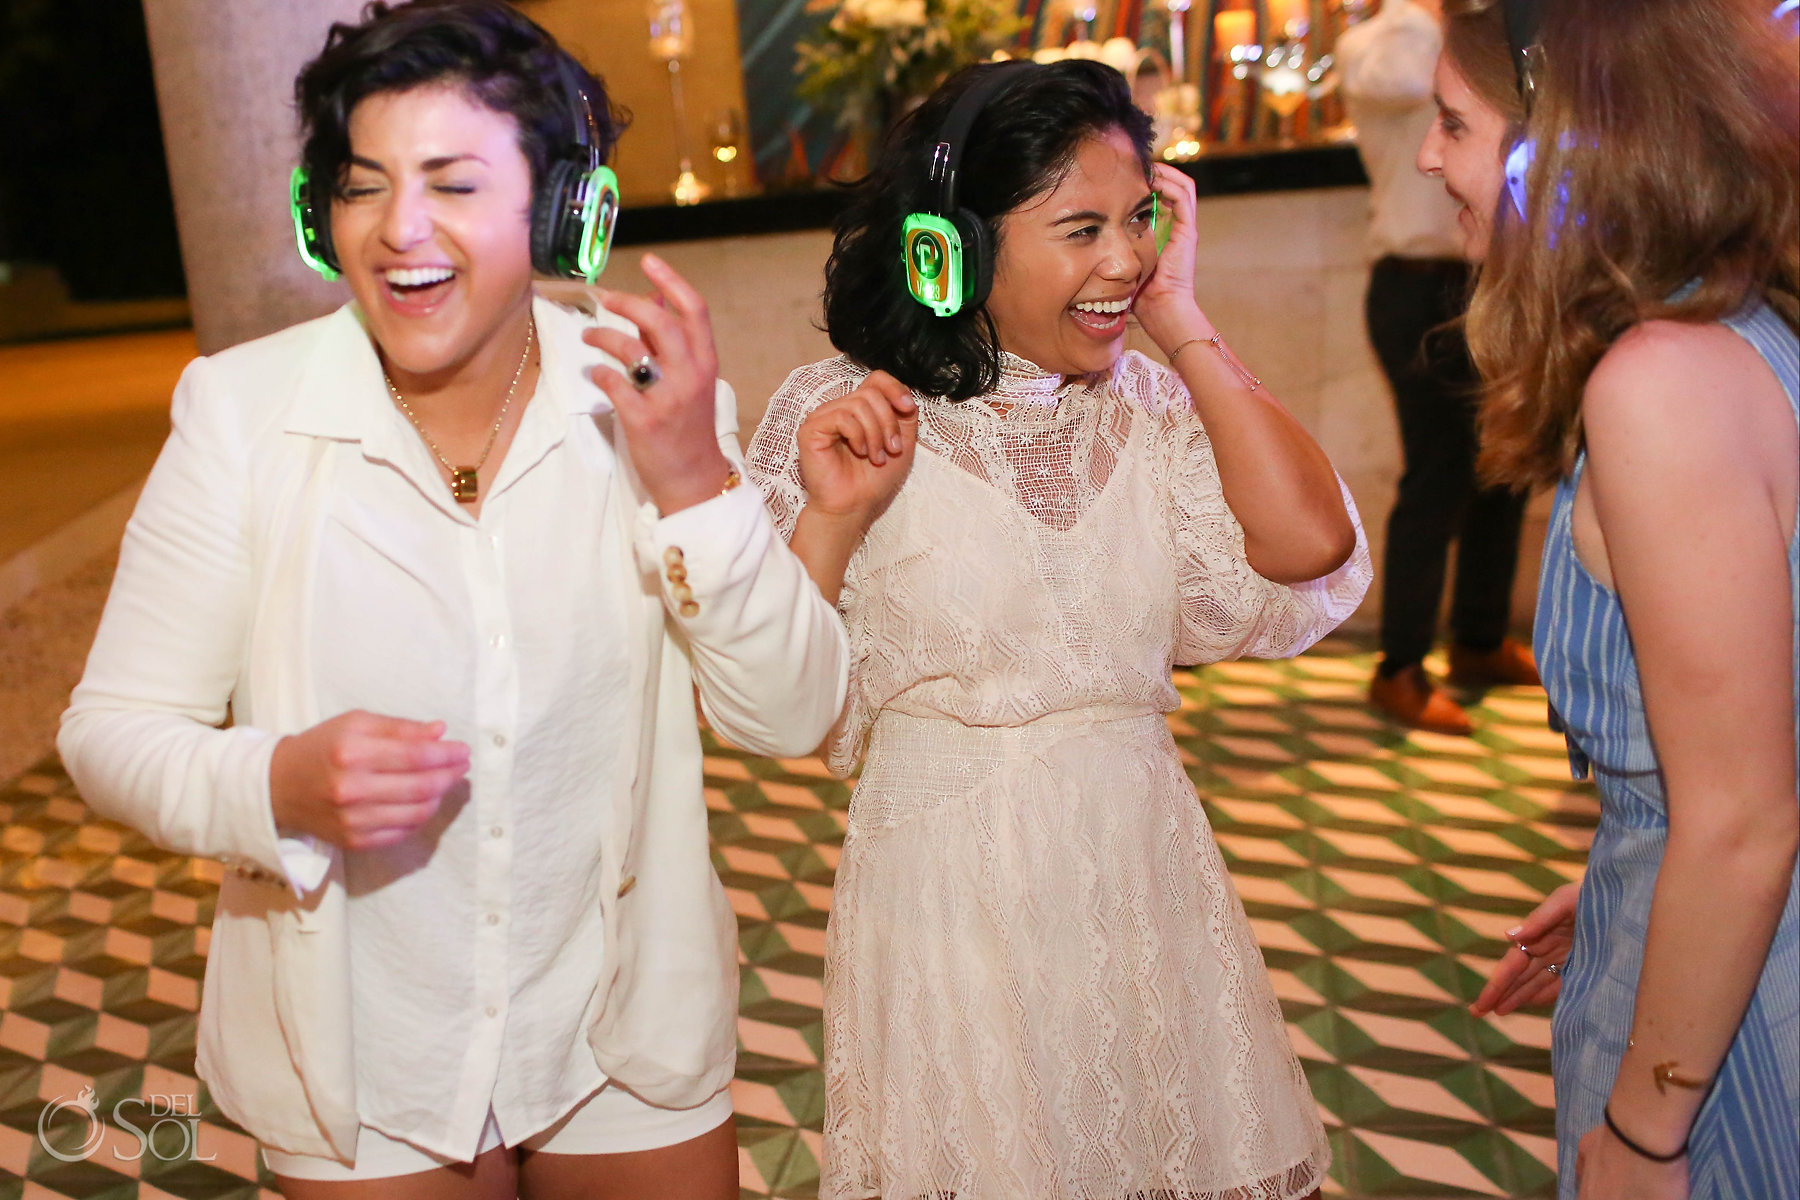 Silent disco Lesbian wedding reception